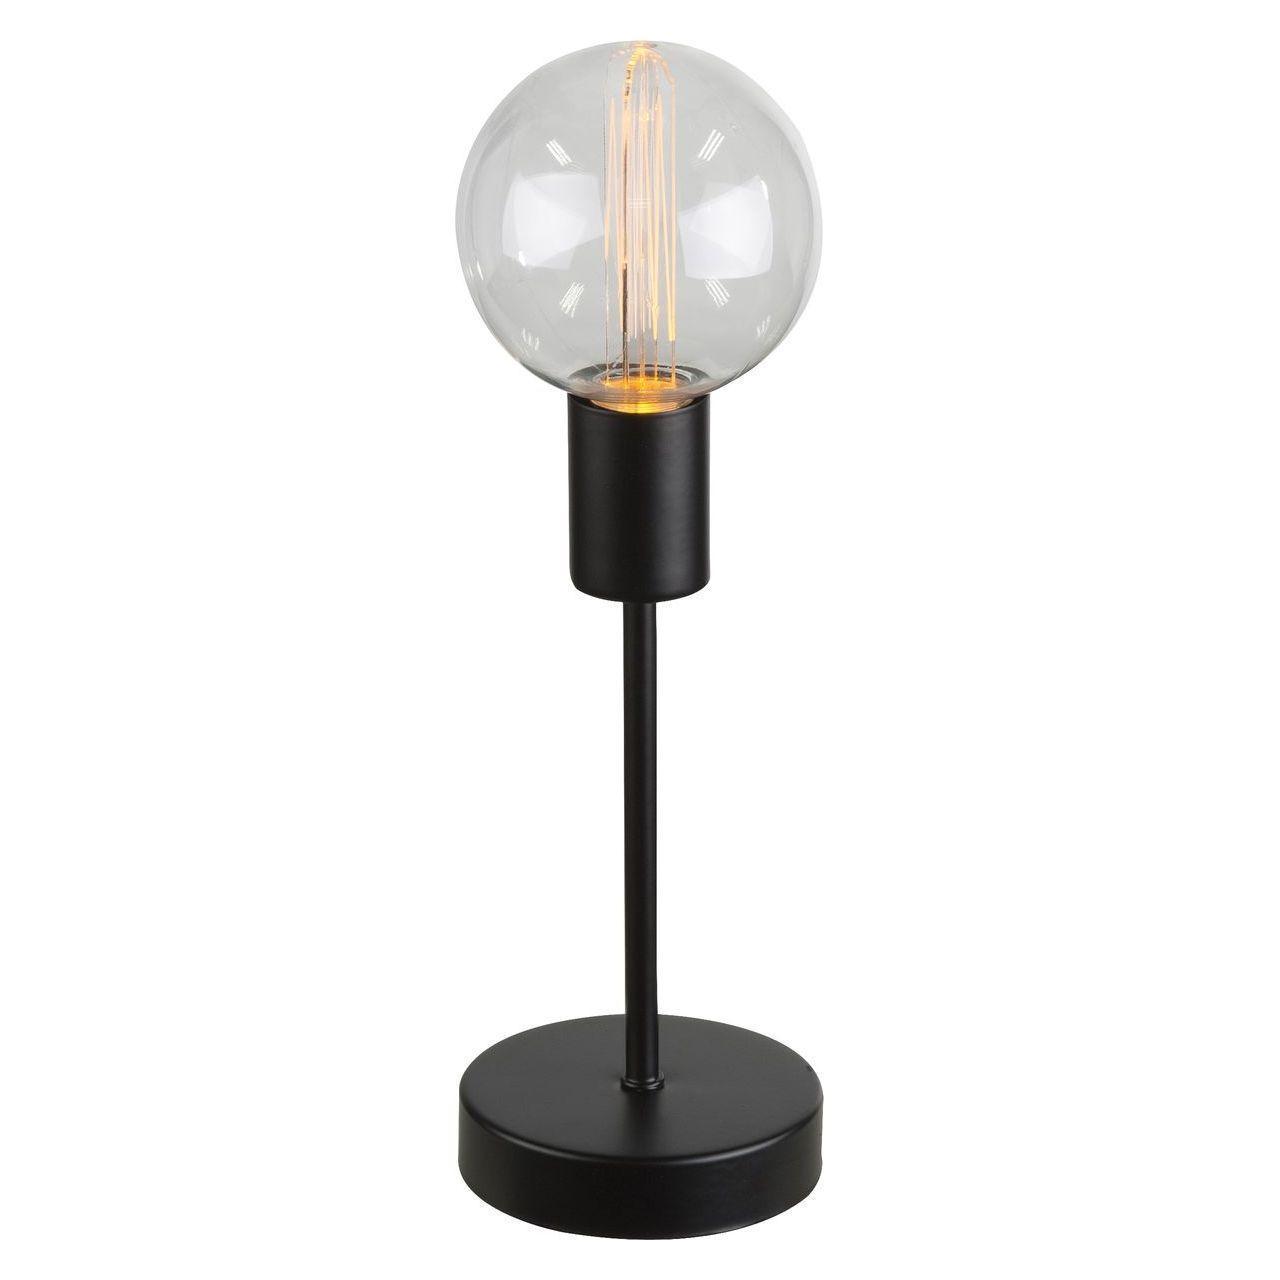 Настольная лампа Globo Fanal II 28186 лампа настольная globo fanal i 28193 16